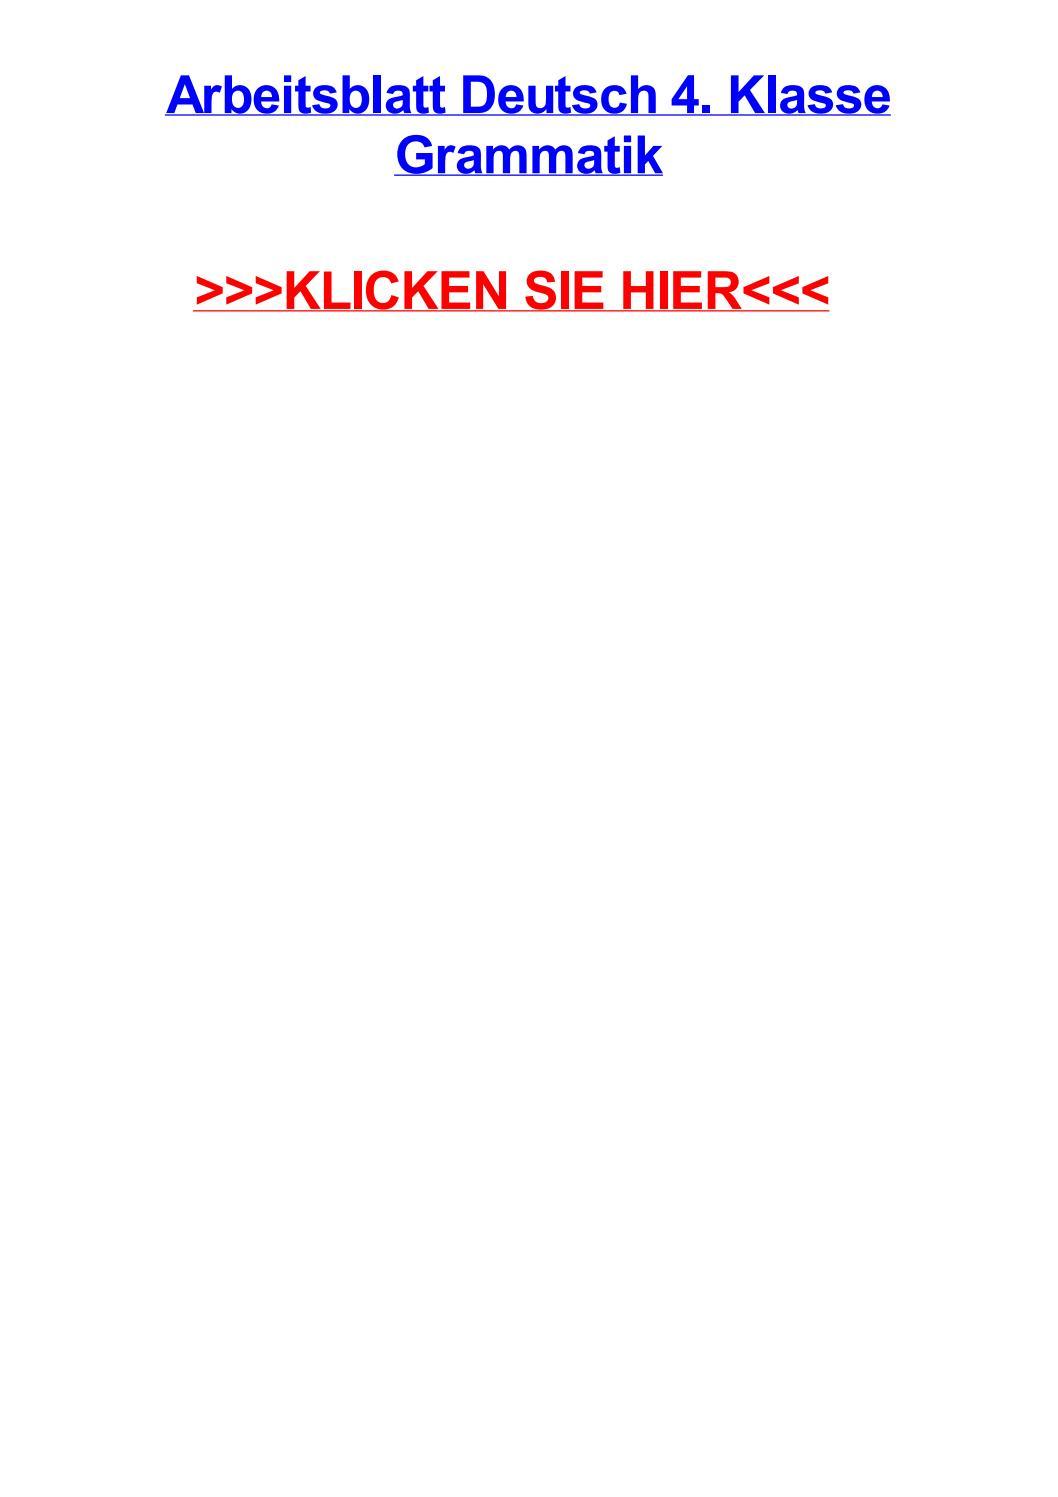 Arbeitsblatt deutsch 4 klasse grammatik by christinexlrax - issuu